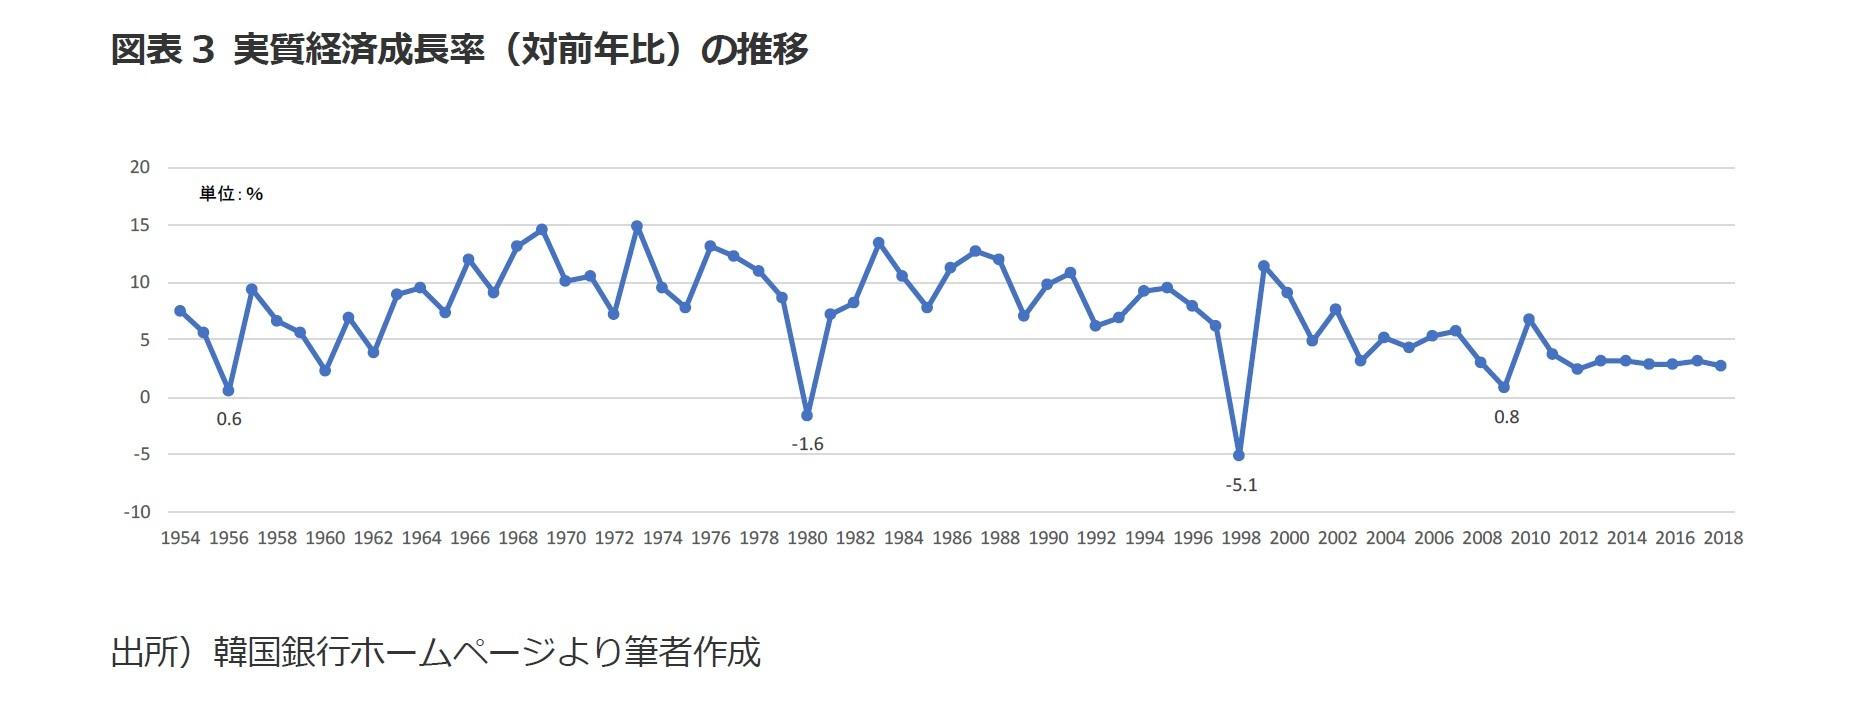 図表3 実質経済成長率(対前年比)の推移